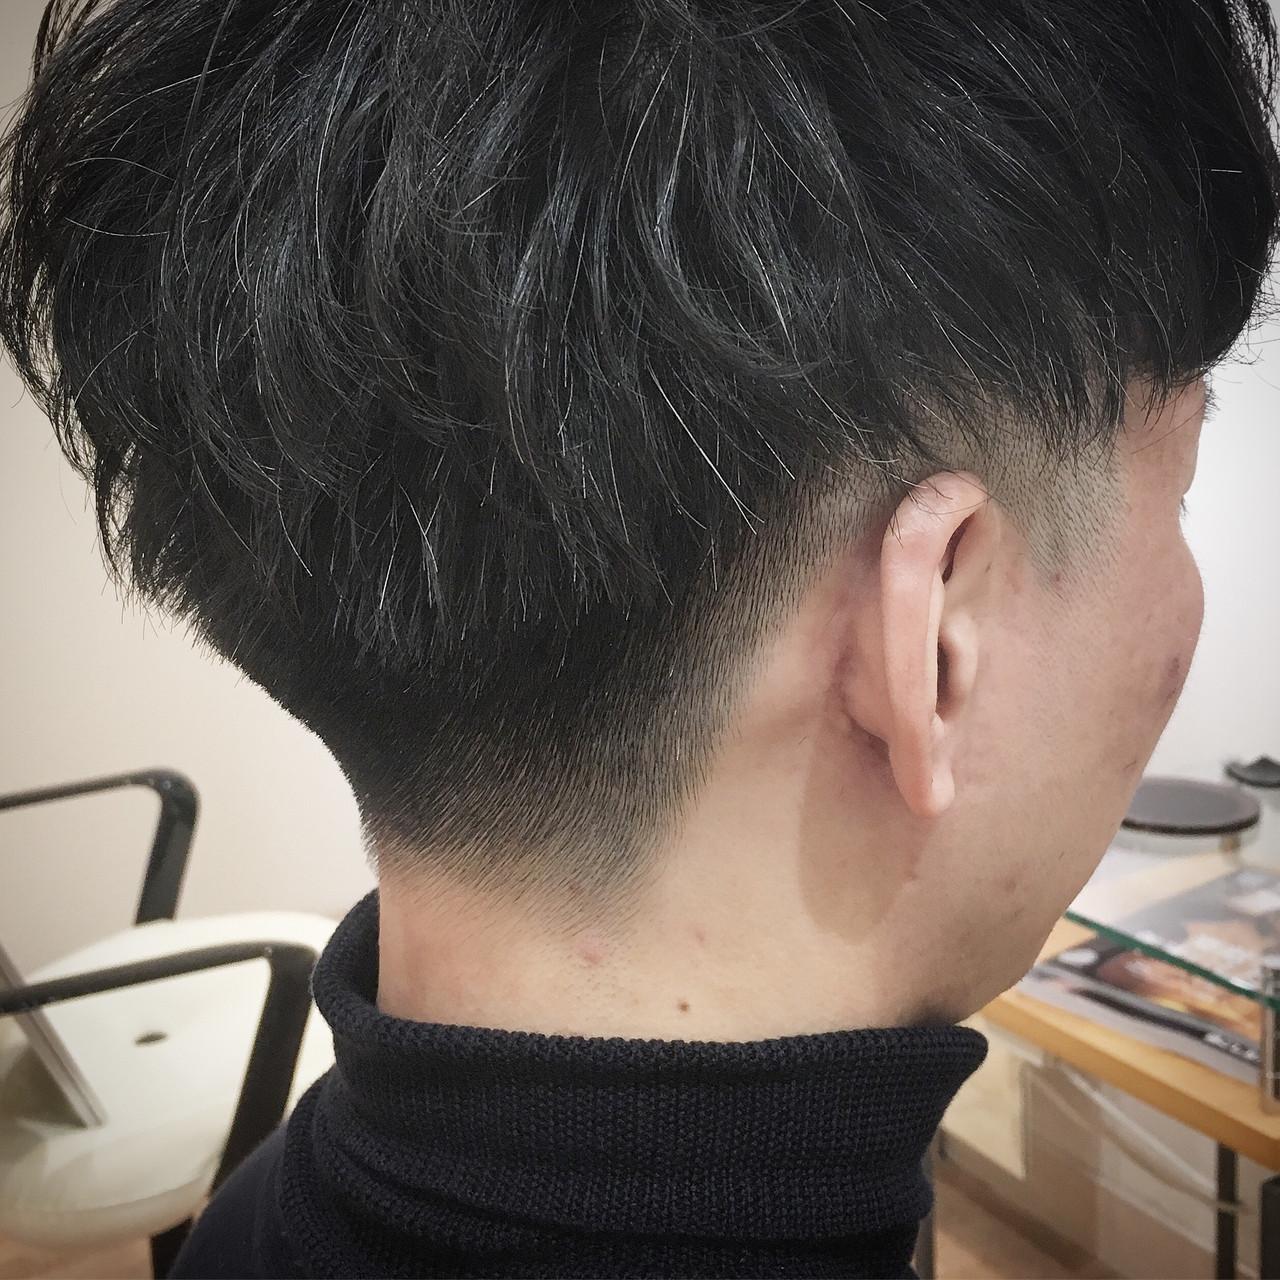 刈り上げ メンズ ショート メンズヘア ヘアスタイルや髪型の写真・画像 | 平本 詠一 / fabris